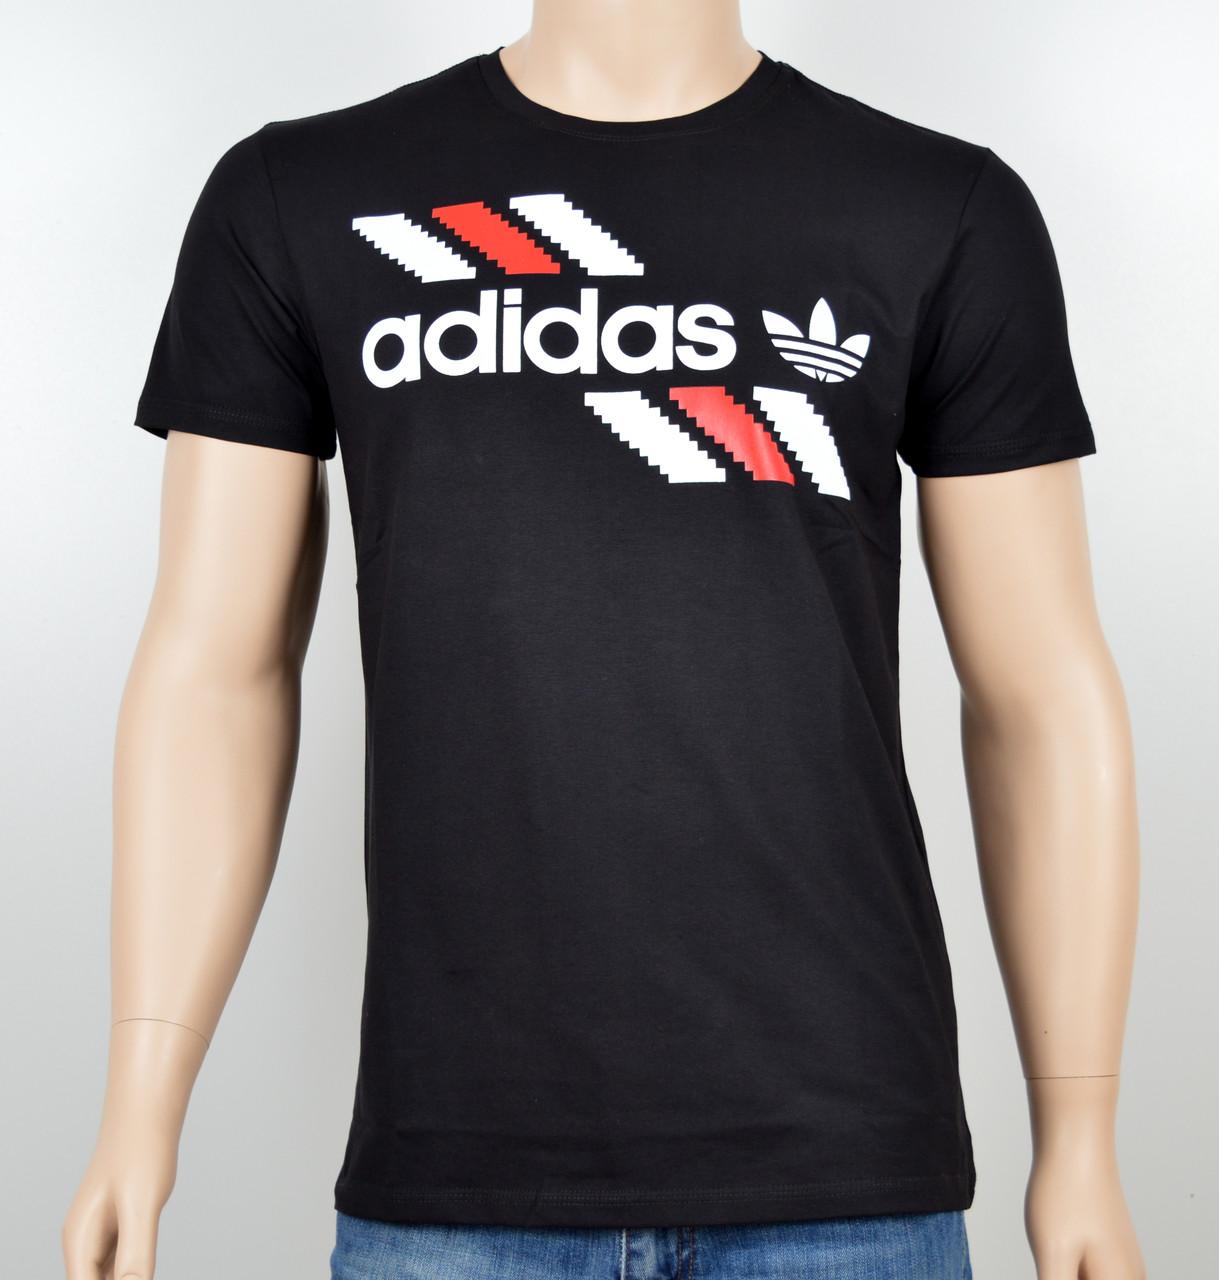 """Мужская футболка """"Adidas 1901"""" черный"""